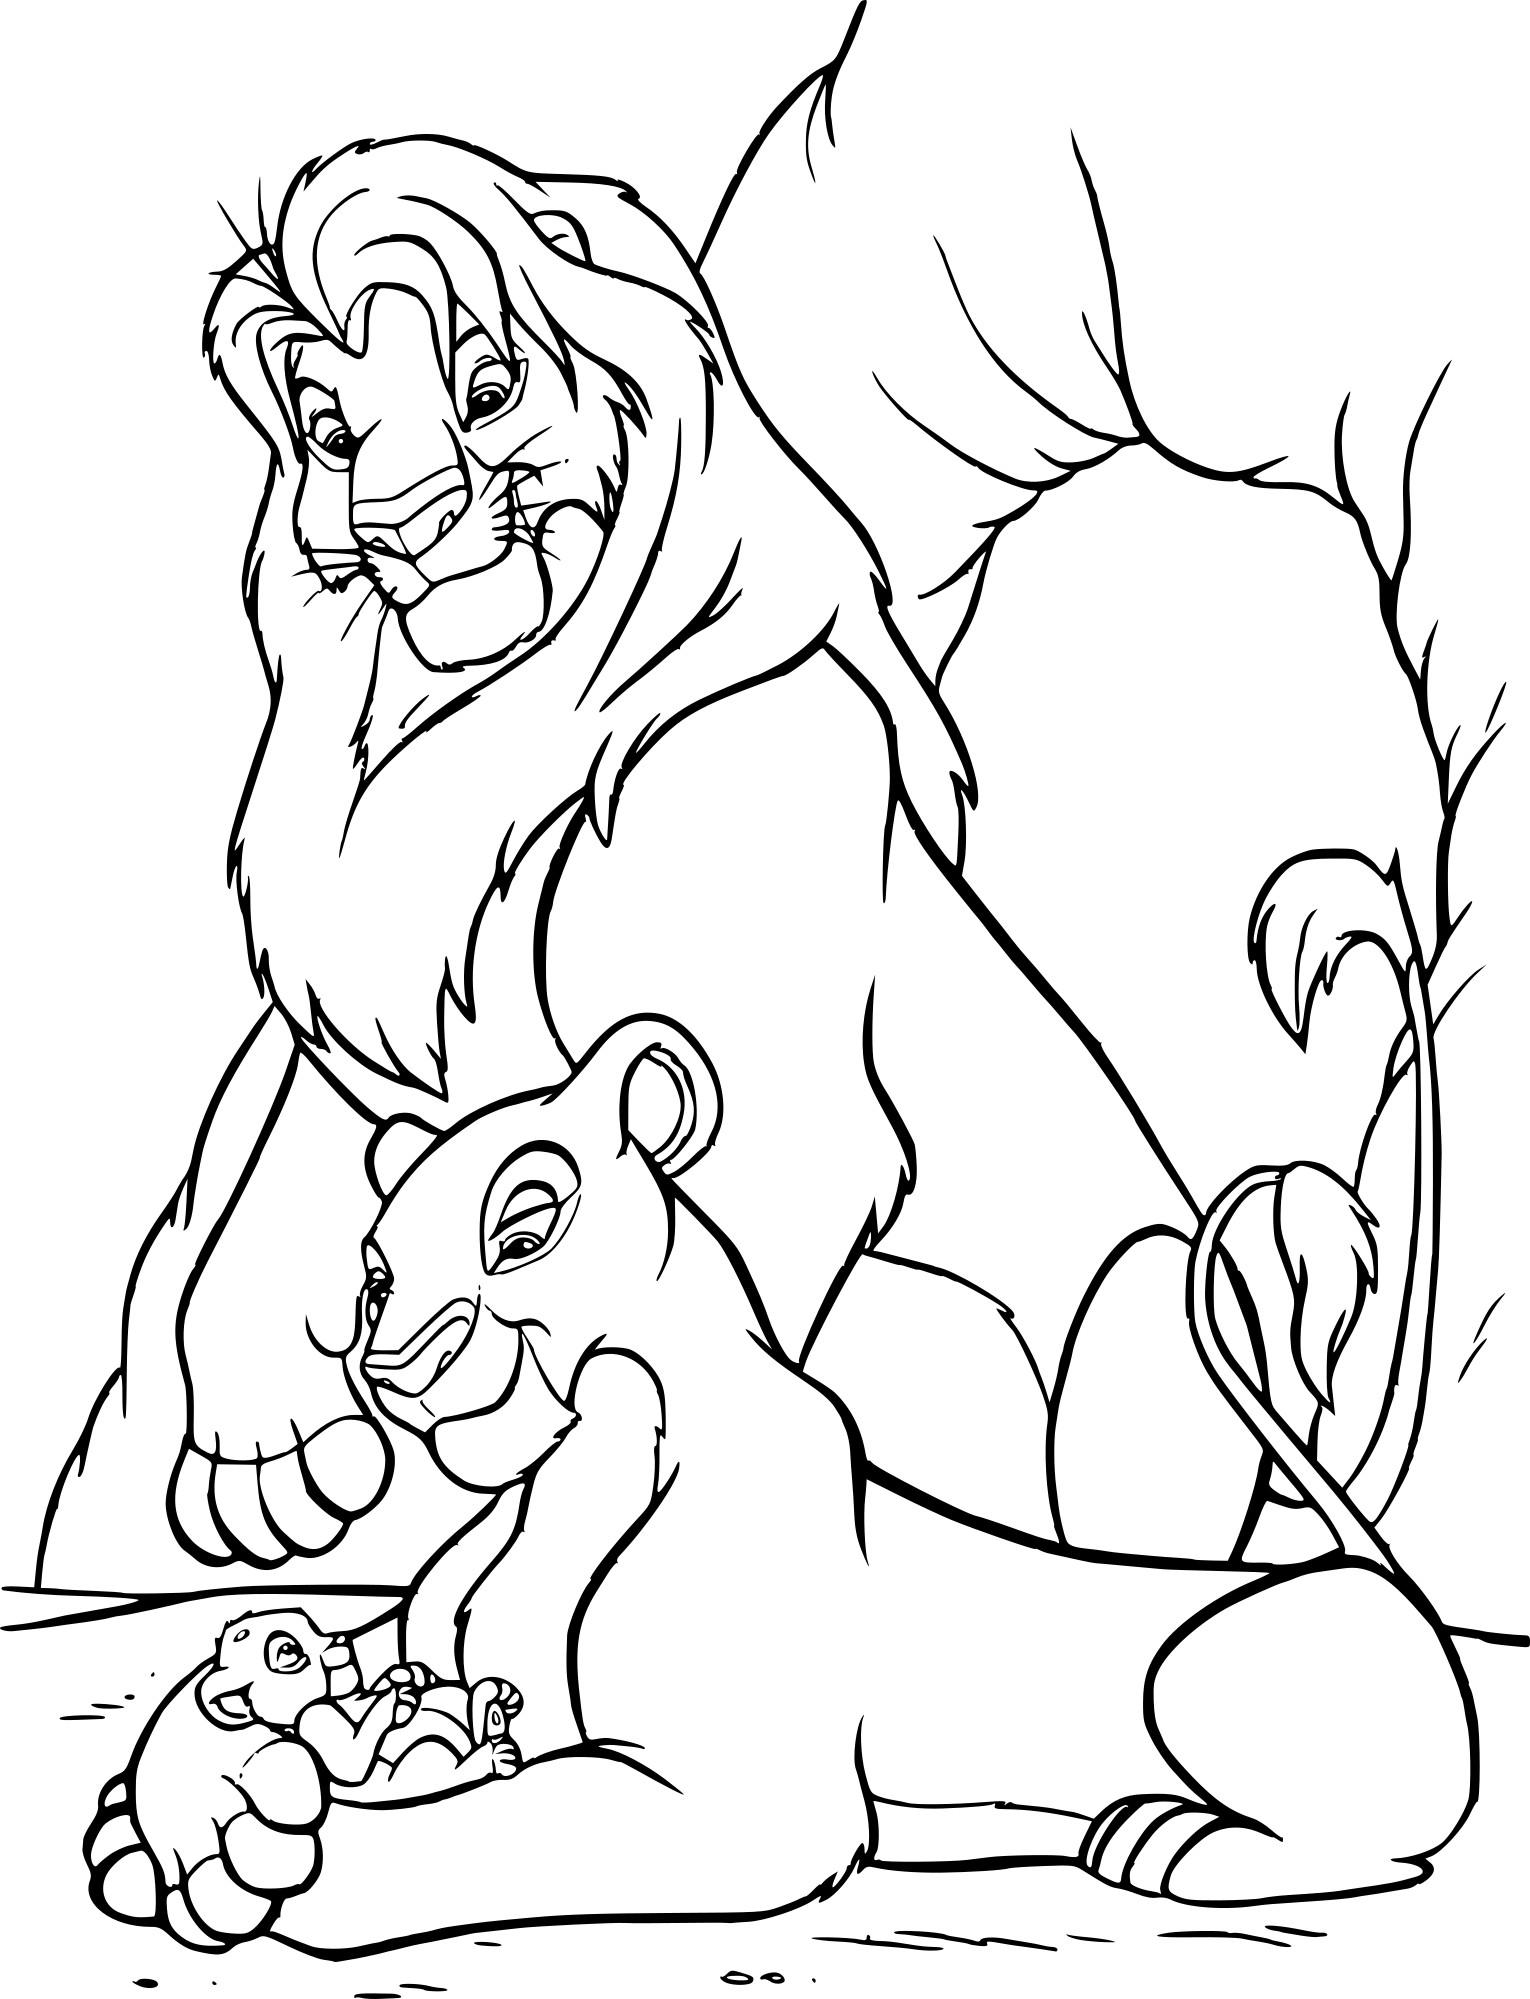 Coloriage Roi Lion dessin à imprimer sur COLORIAGES .info